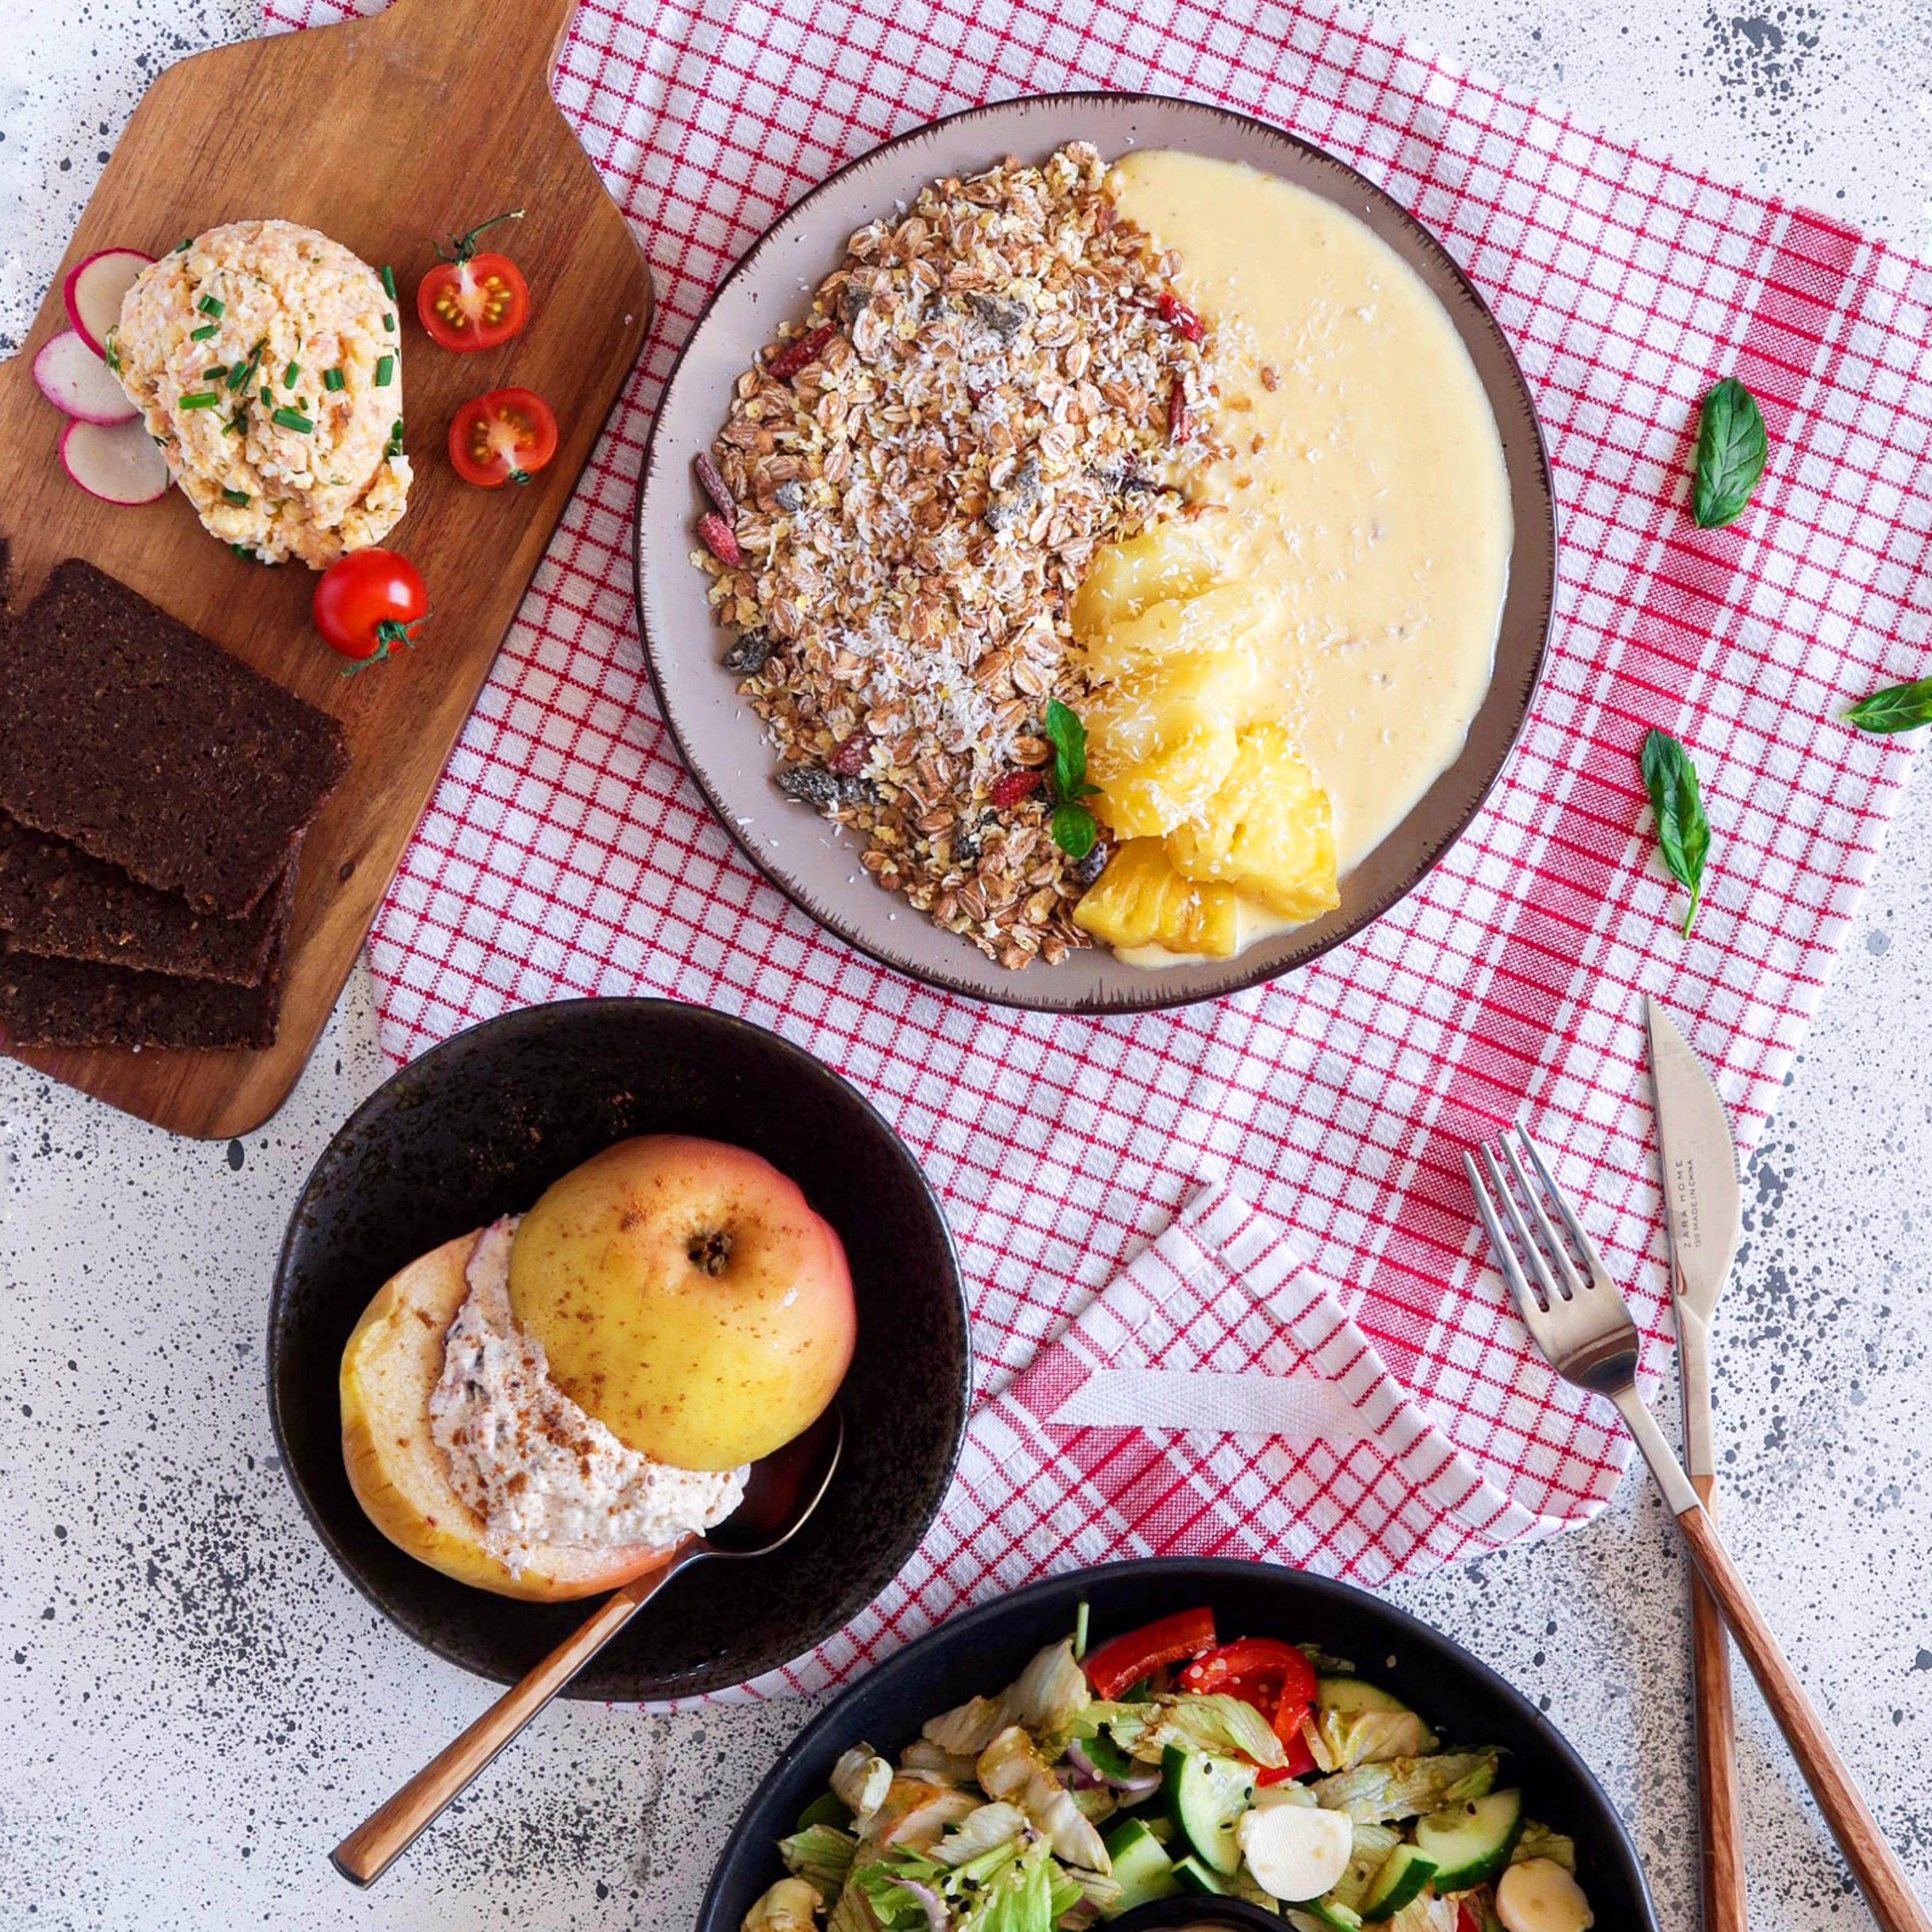 Co jeść i czego unikać, aby pozbyć się cellulitu?